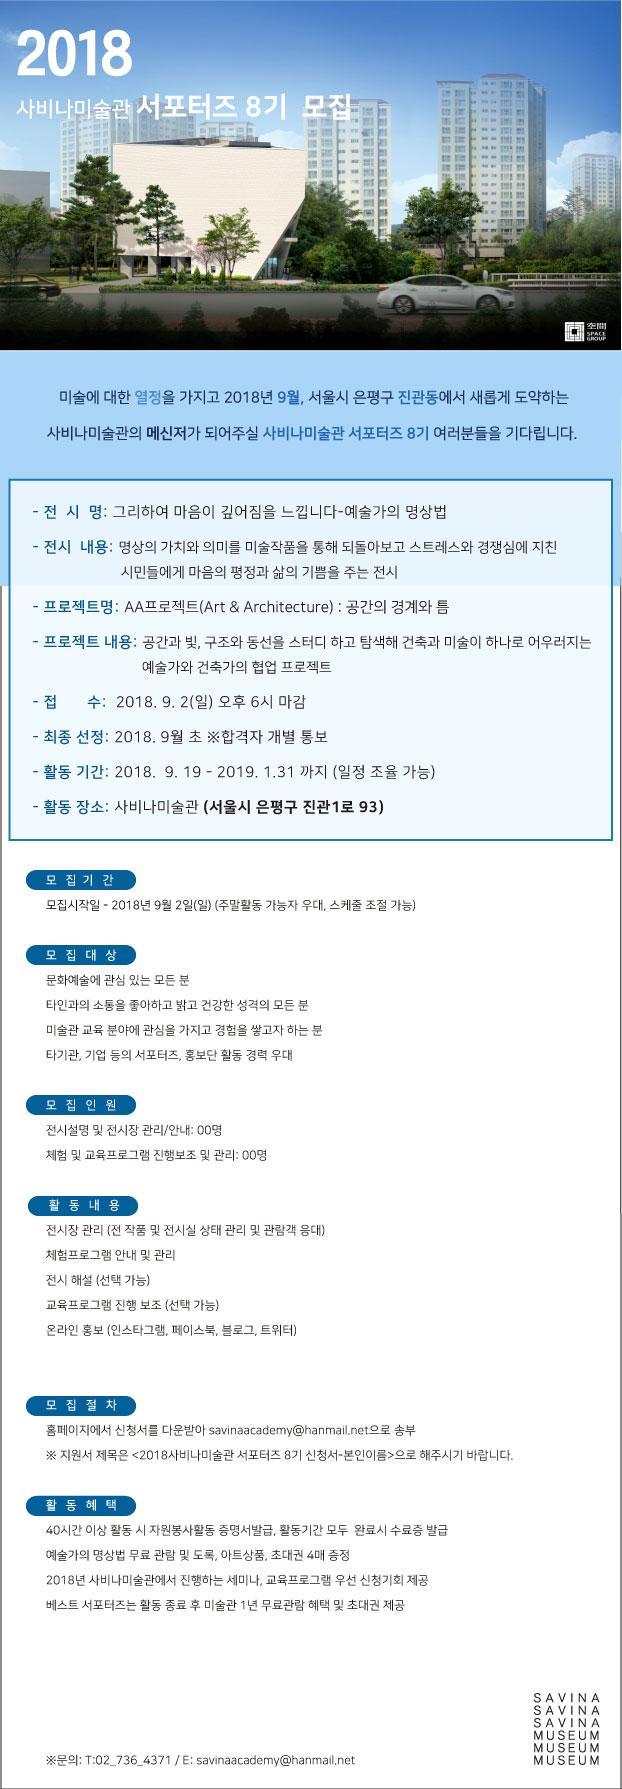 2018-사비나미술관-서포터즈-8기_6.jpg